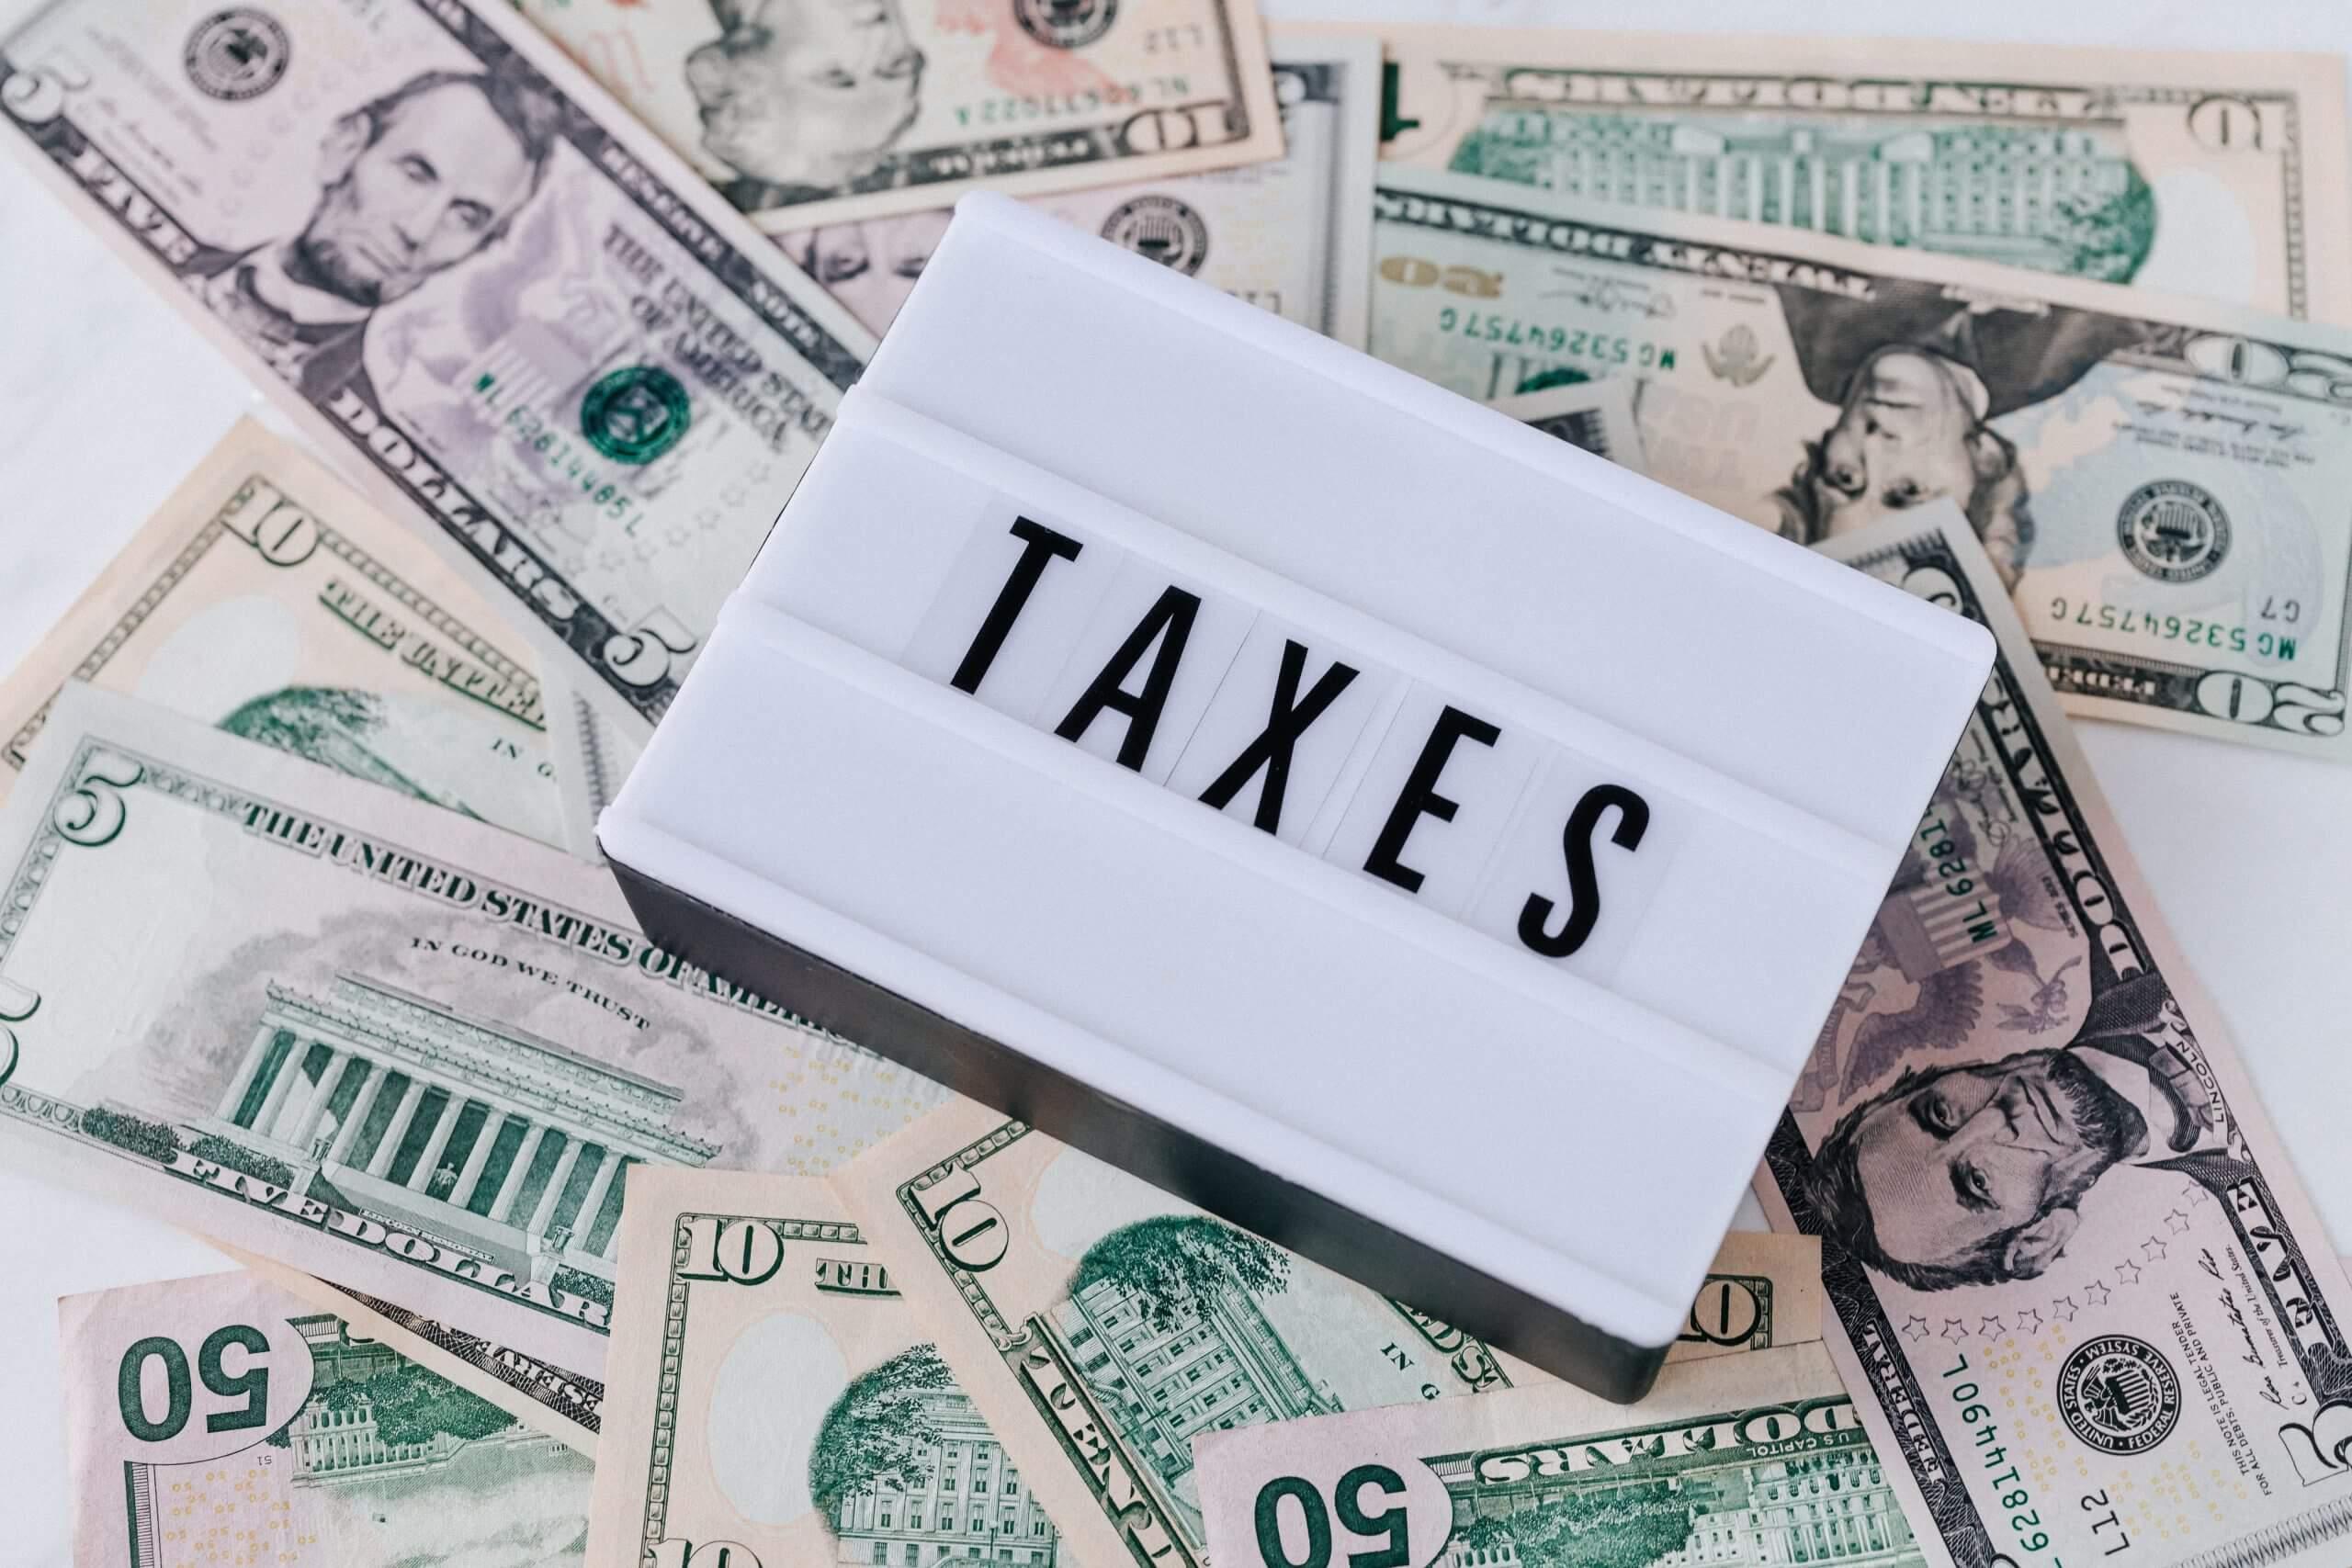 الاستشارات الضريبية والزكوية